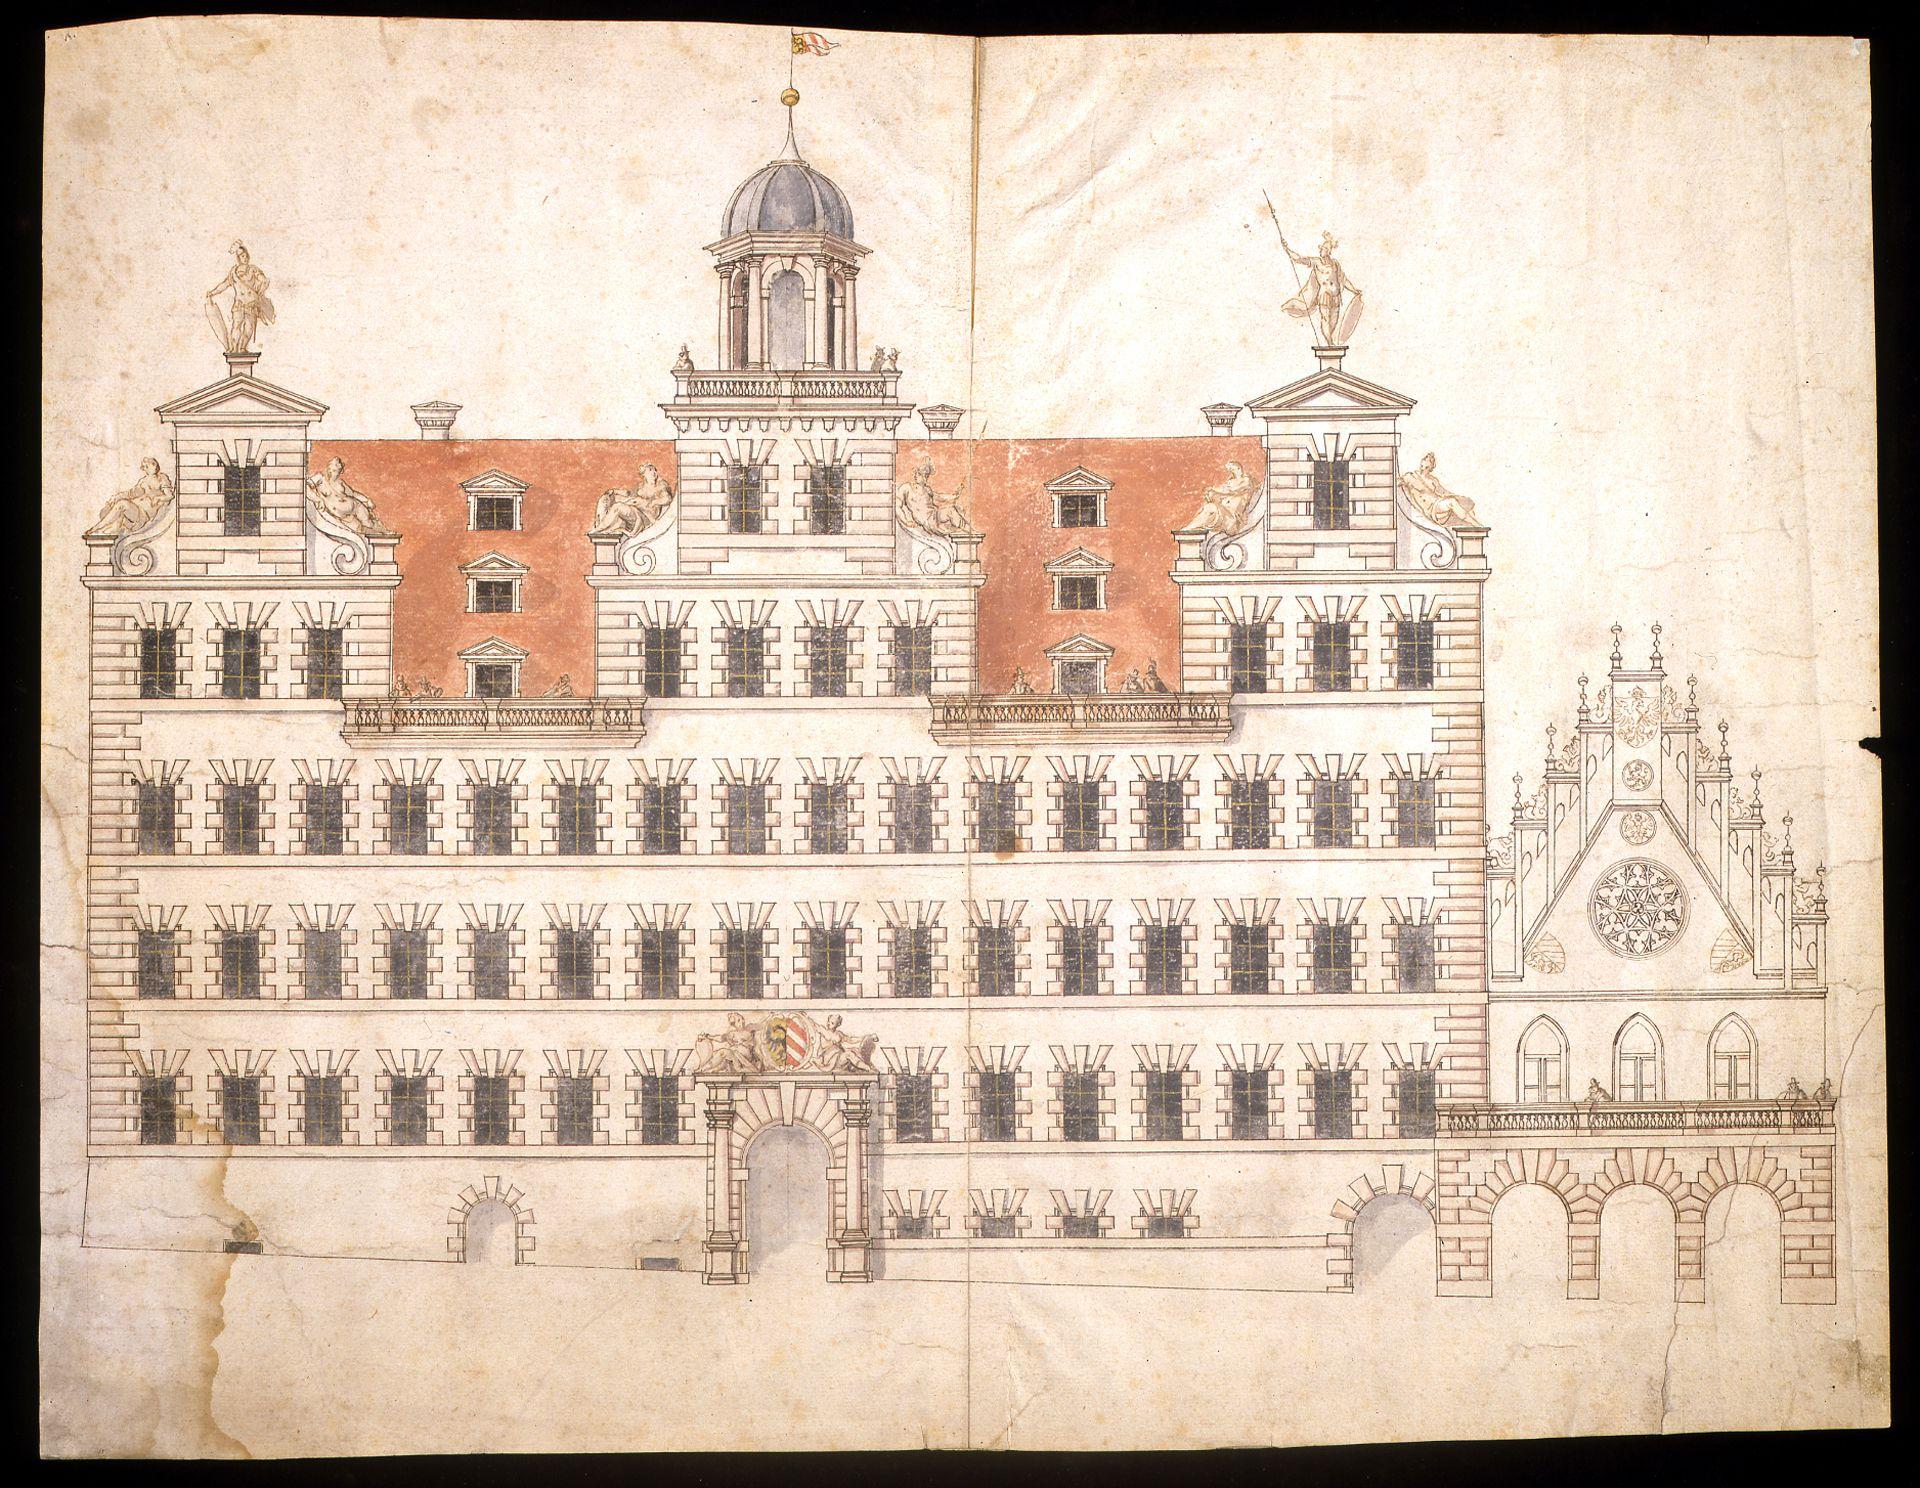 Entwurf für die Rathausfassade nördlich des Saalbaus Entwurf für die Rathausfassade nördlich des Saalbaus